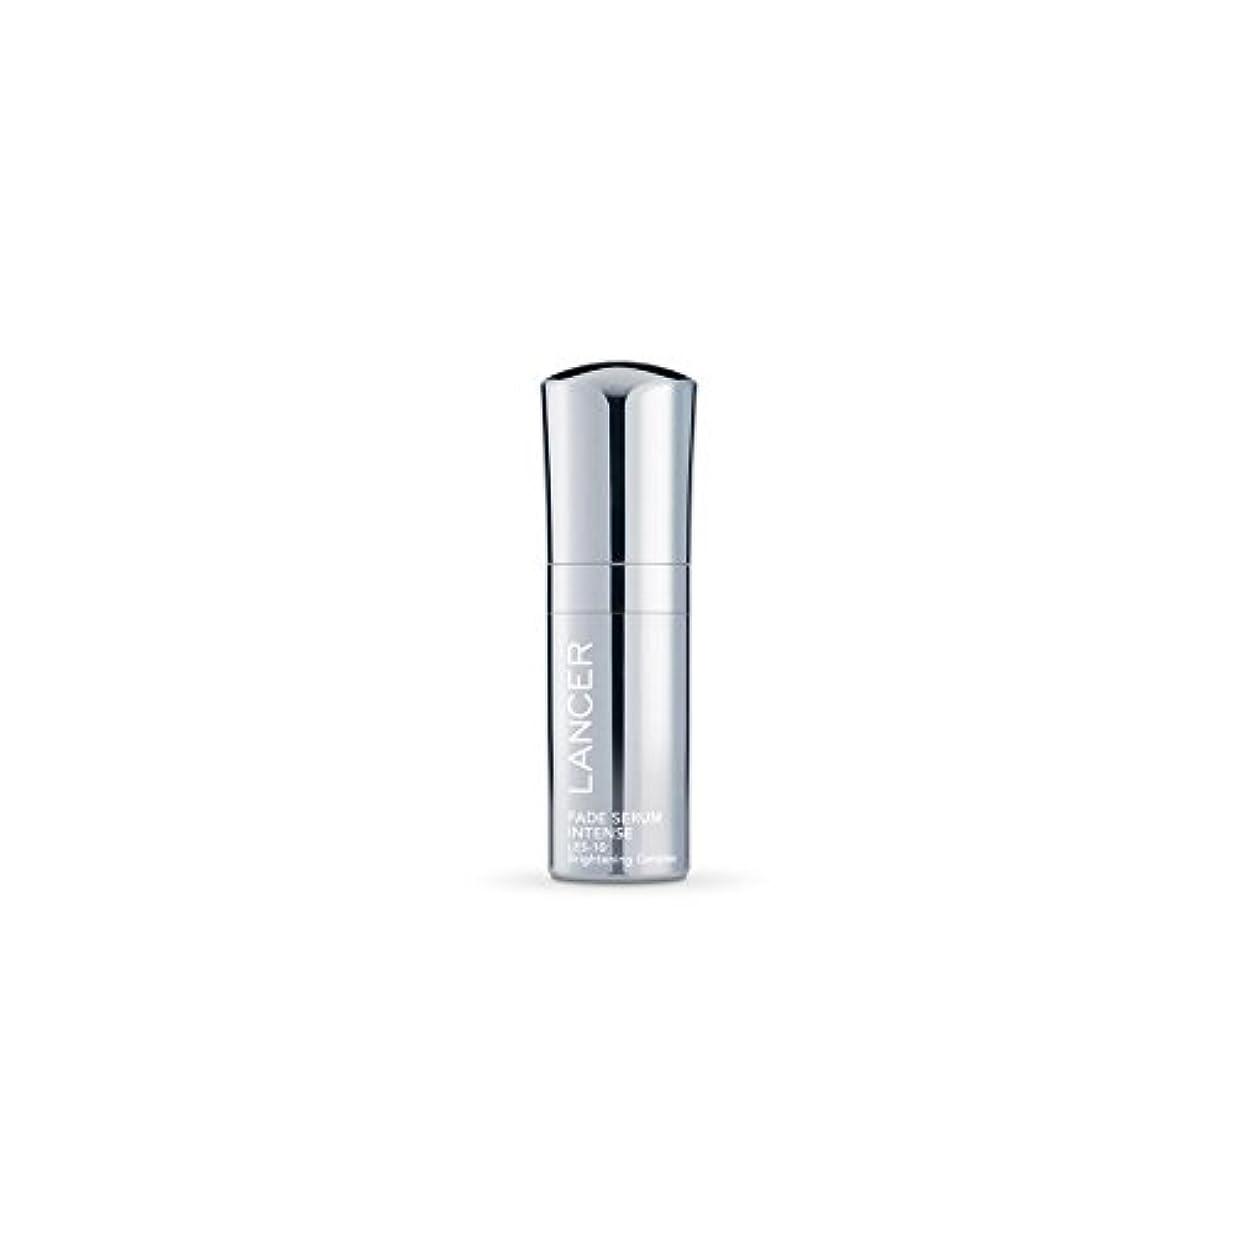 不一致謝罪厳密に強烈ランサースキンケアフェード血清(30ミリリットル) x4 - Lancer Skincare Fade Serum Intense (30ml) (Pack of 4) [並行輸入品]